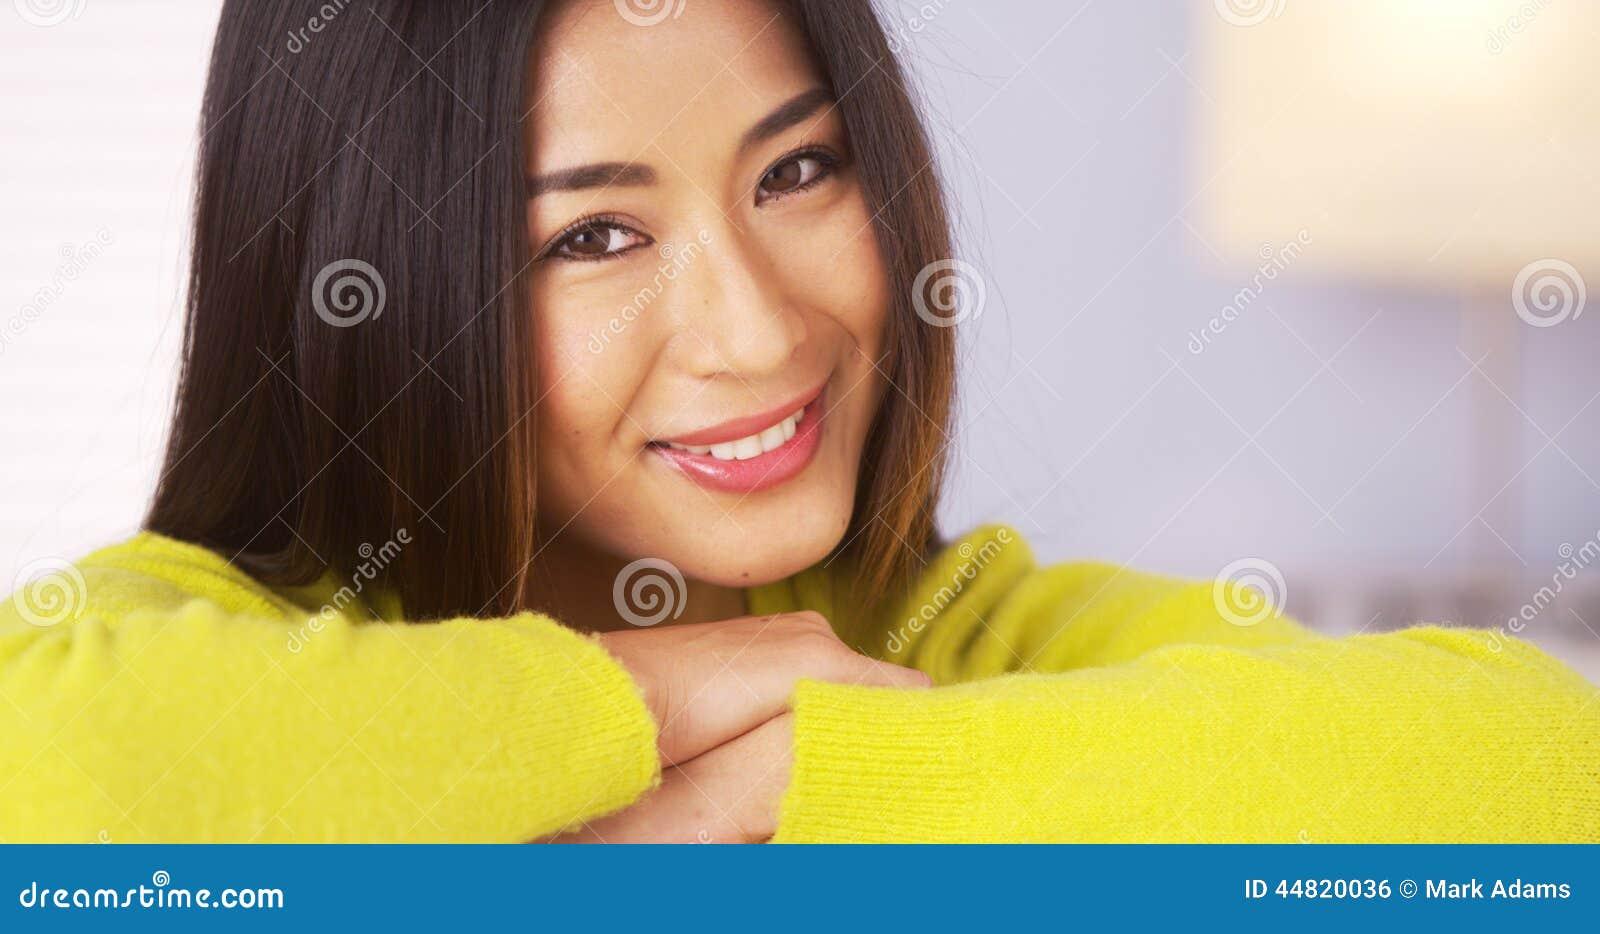 Ιαπωνική γυναίκα που χαμογελά στη κάμερα